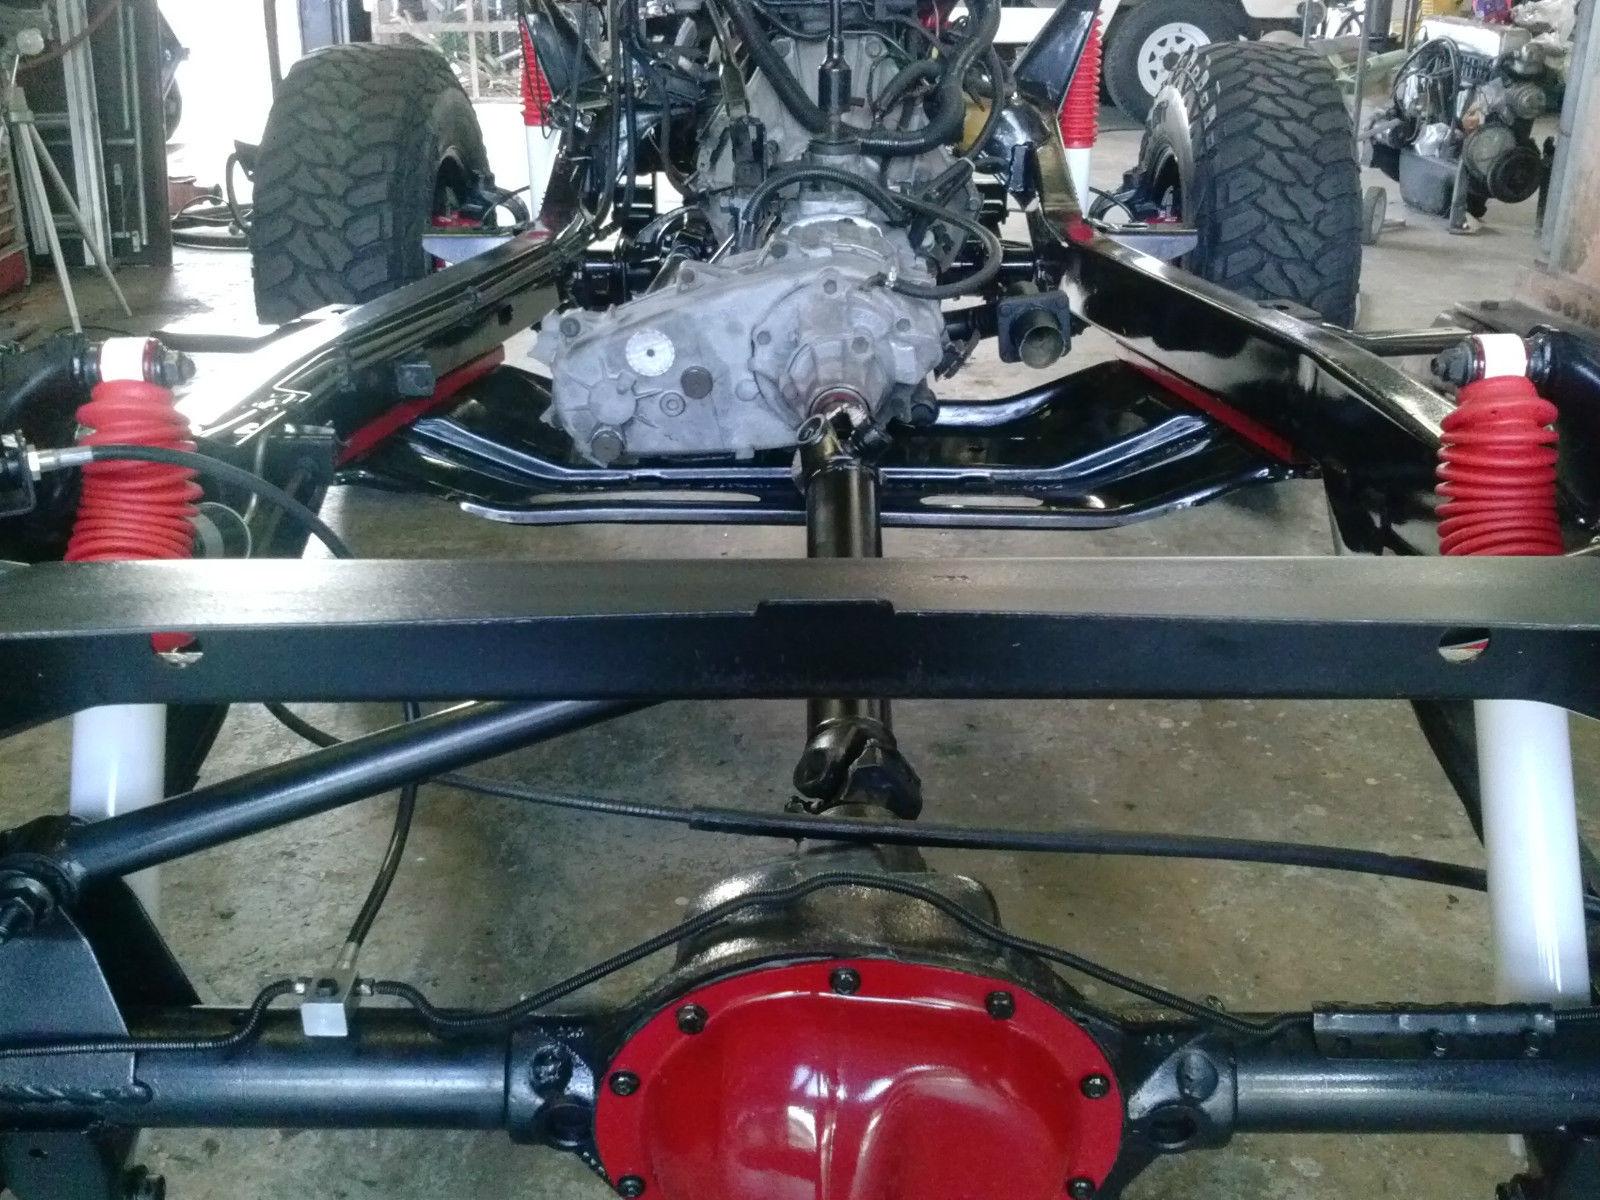 1993 JEEP Wrangler YJ Frame Off Restoration/Rebuild   Custom Body!